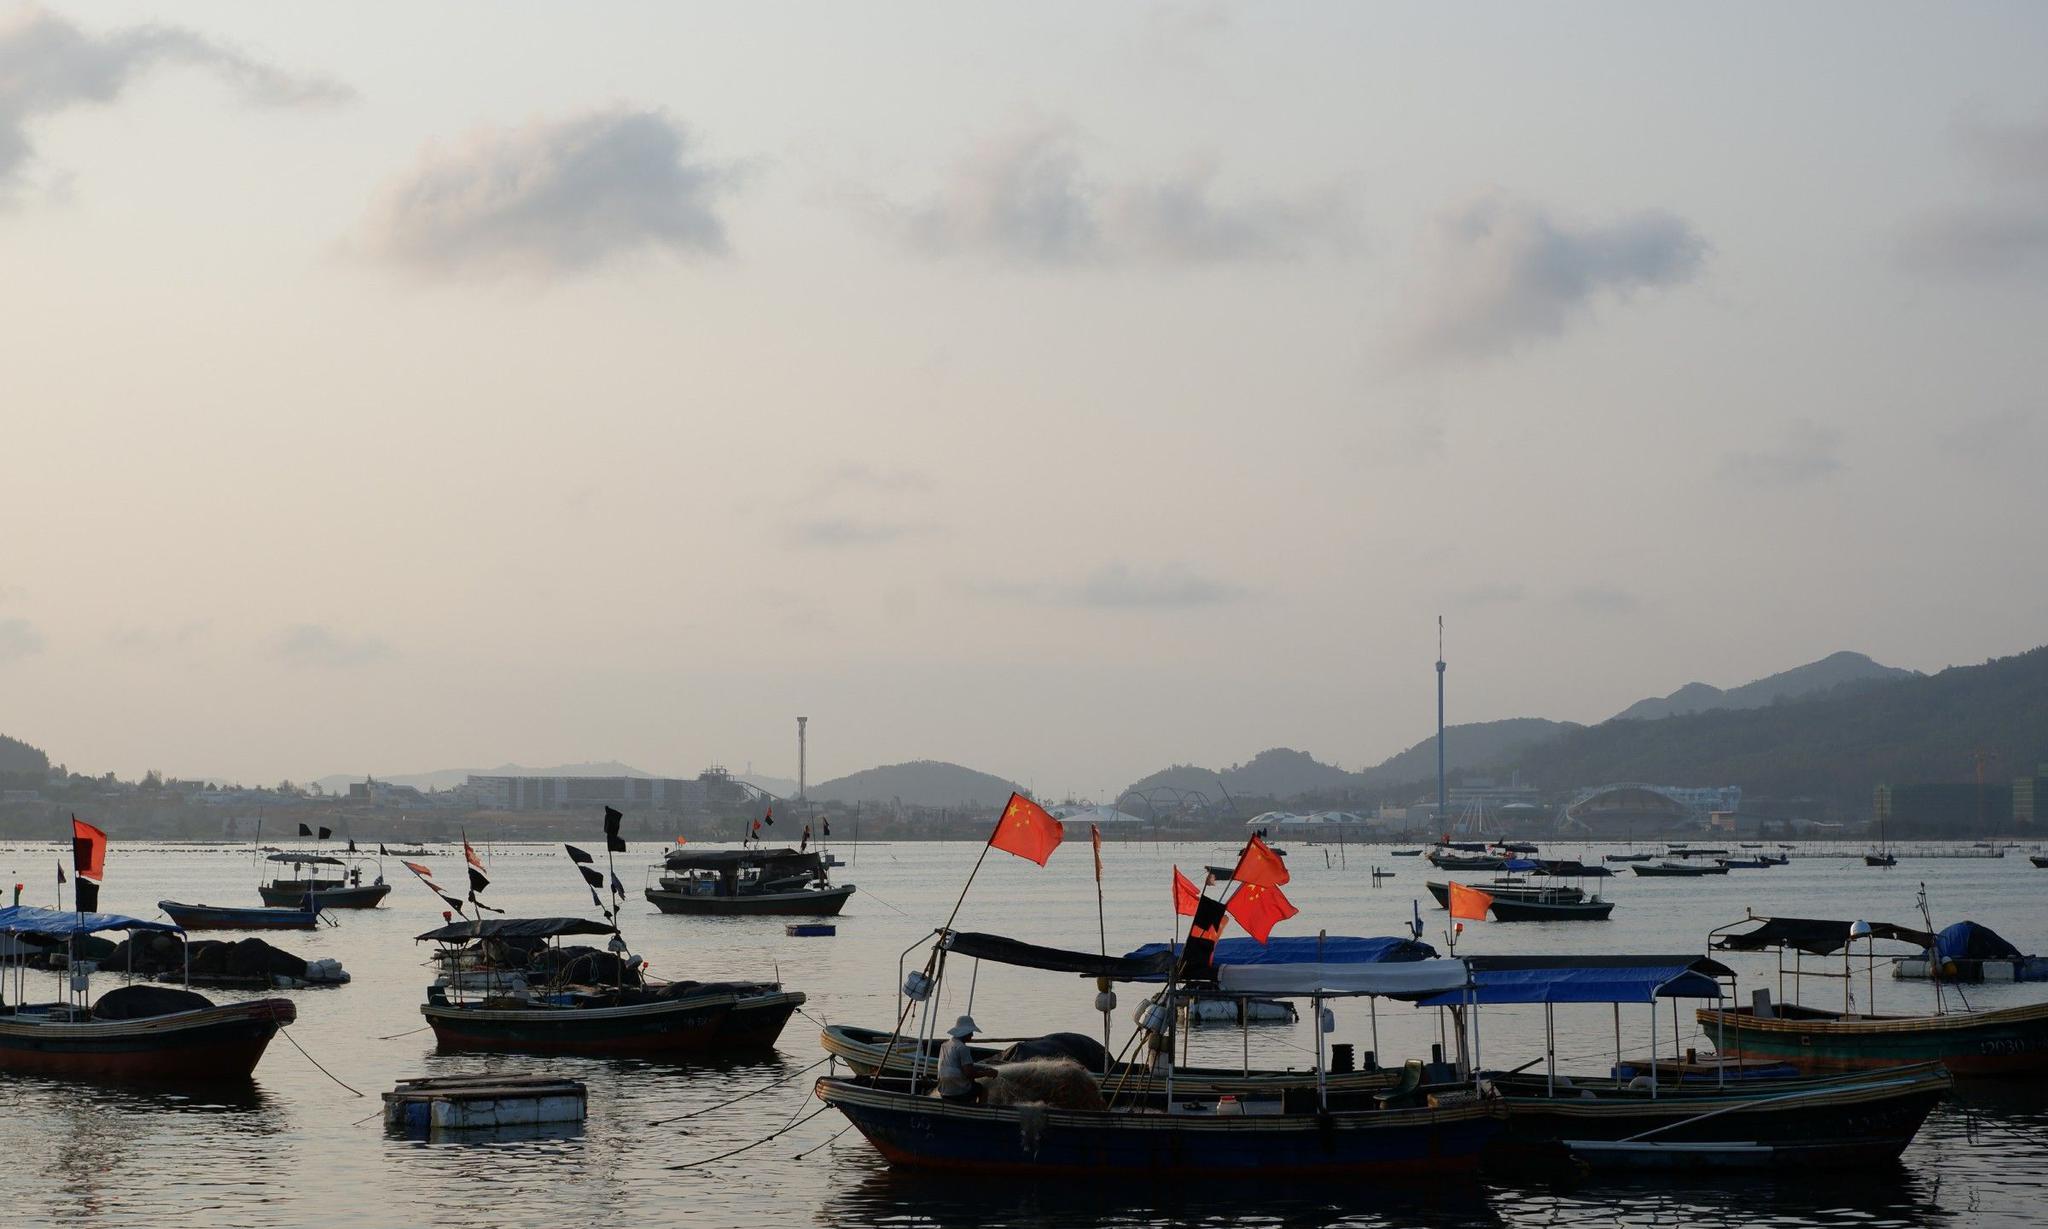 探访海南不知名小渔港,渔船悠然漂海上,比游艇更令人向往